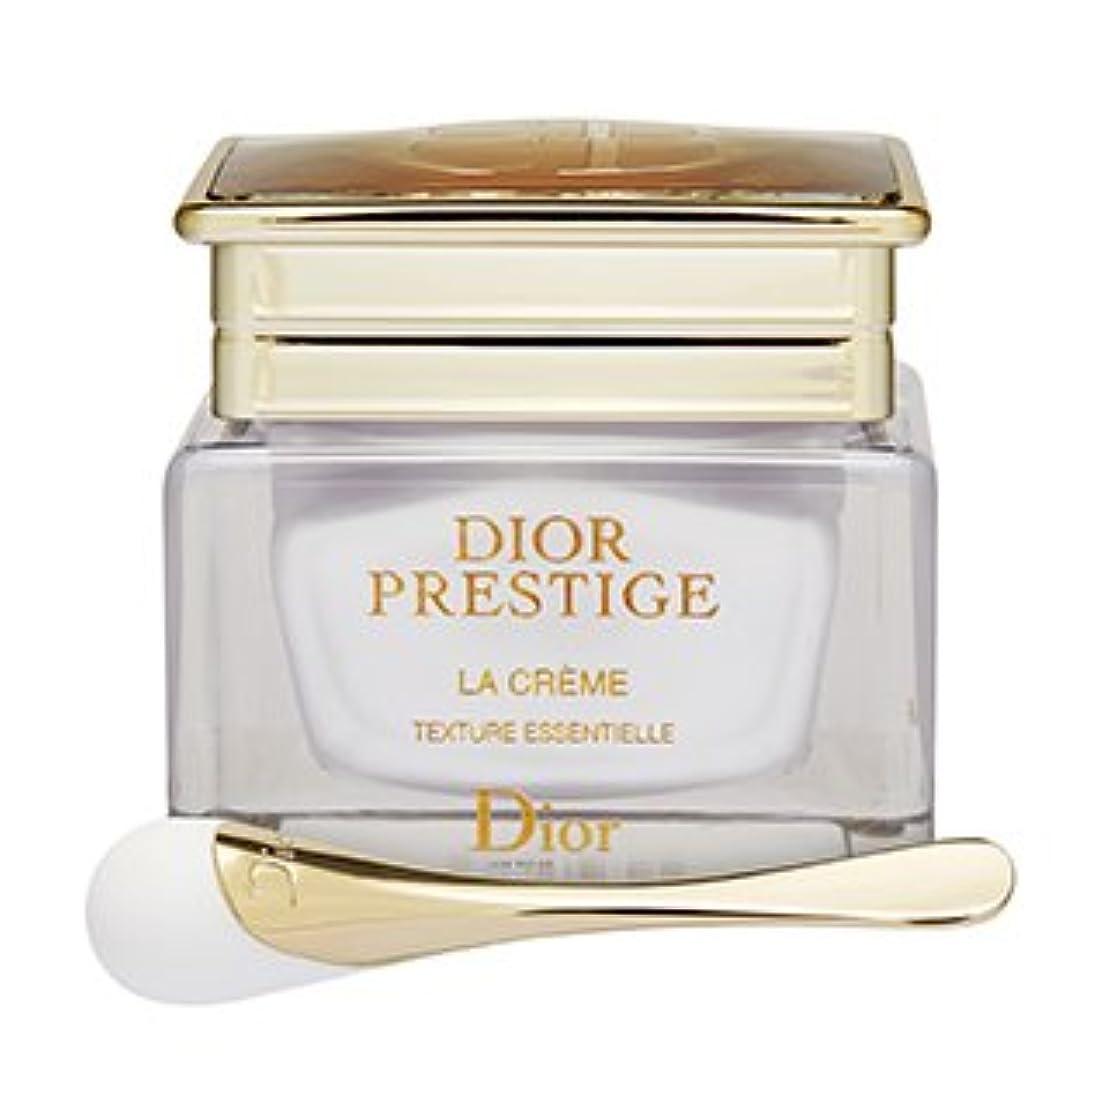 確執階層加速度ディオール(Dior) プレステージ ラ クレーム - 極上のテクスチャー [並行輸入品]